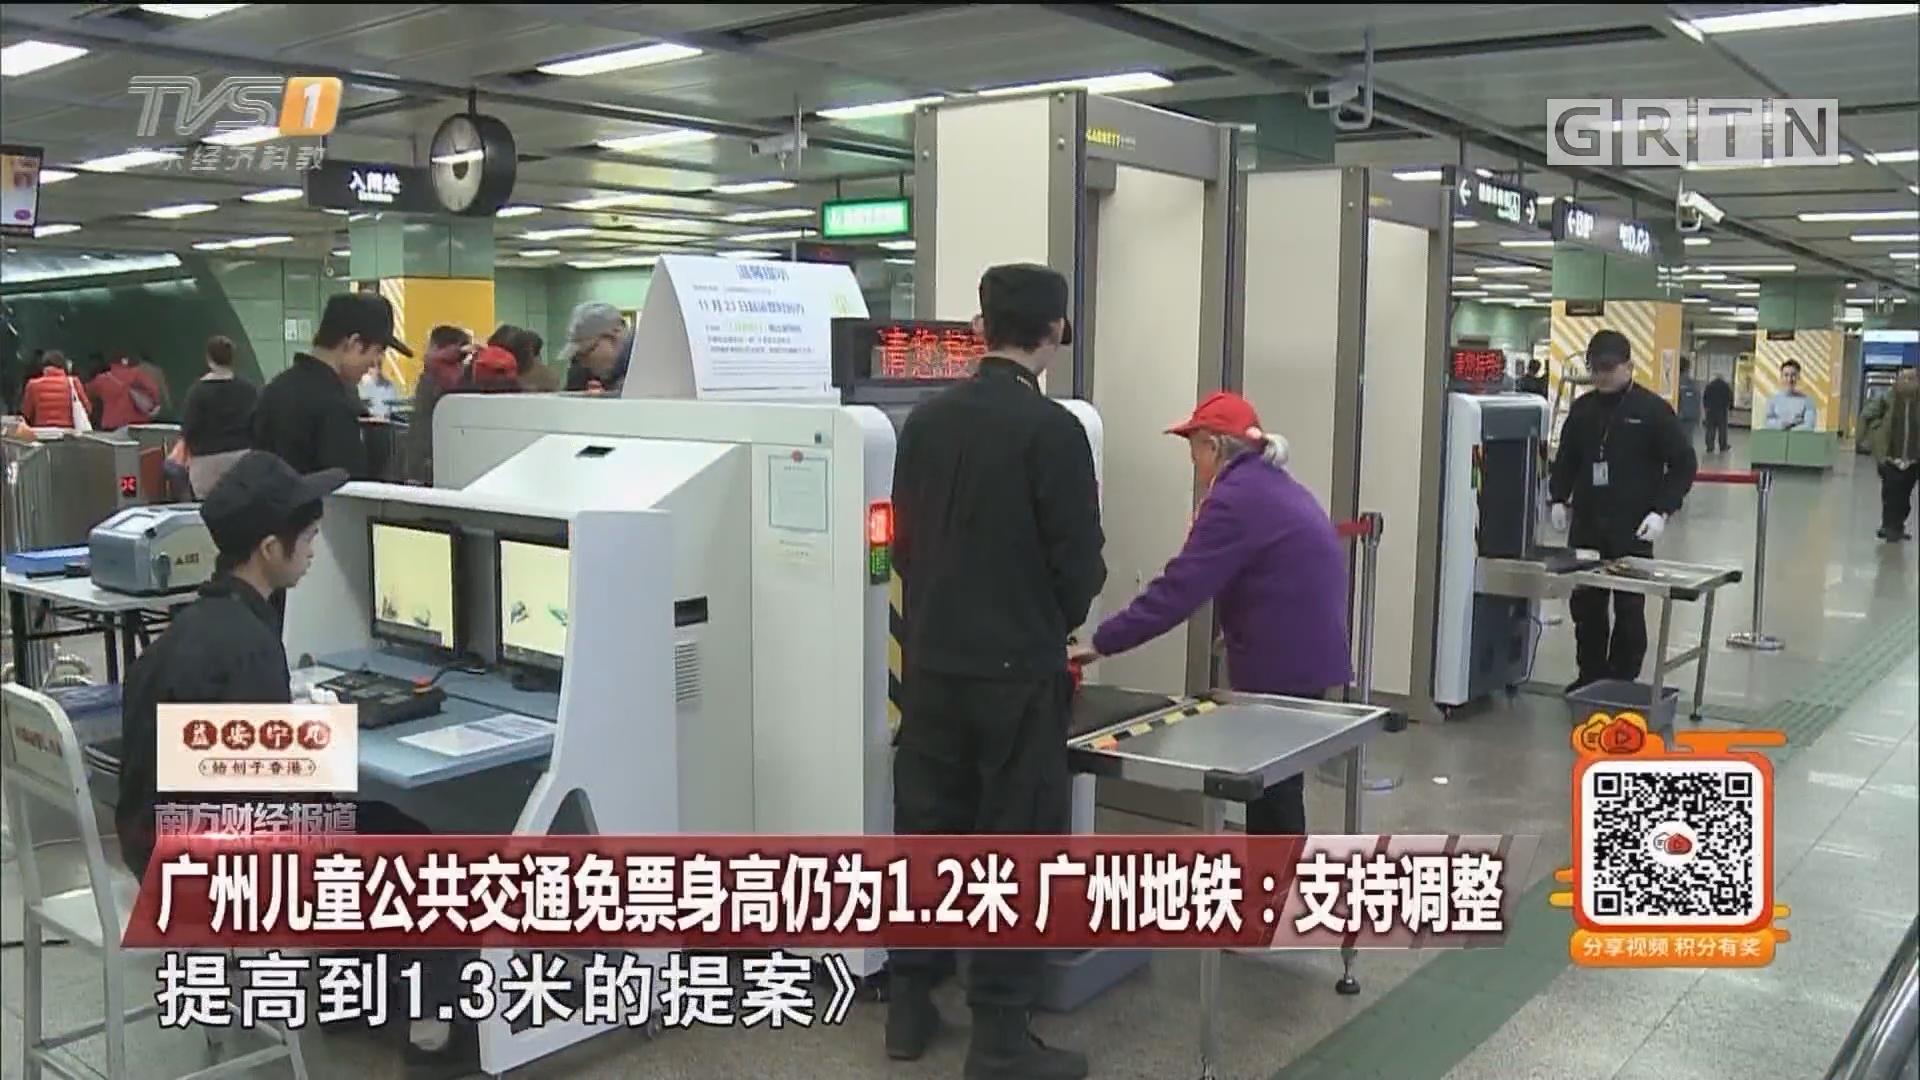 广州儿童公共交通免票身高仍为1.2米 广州地铁:支持调整